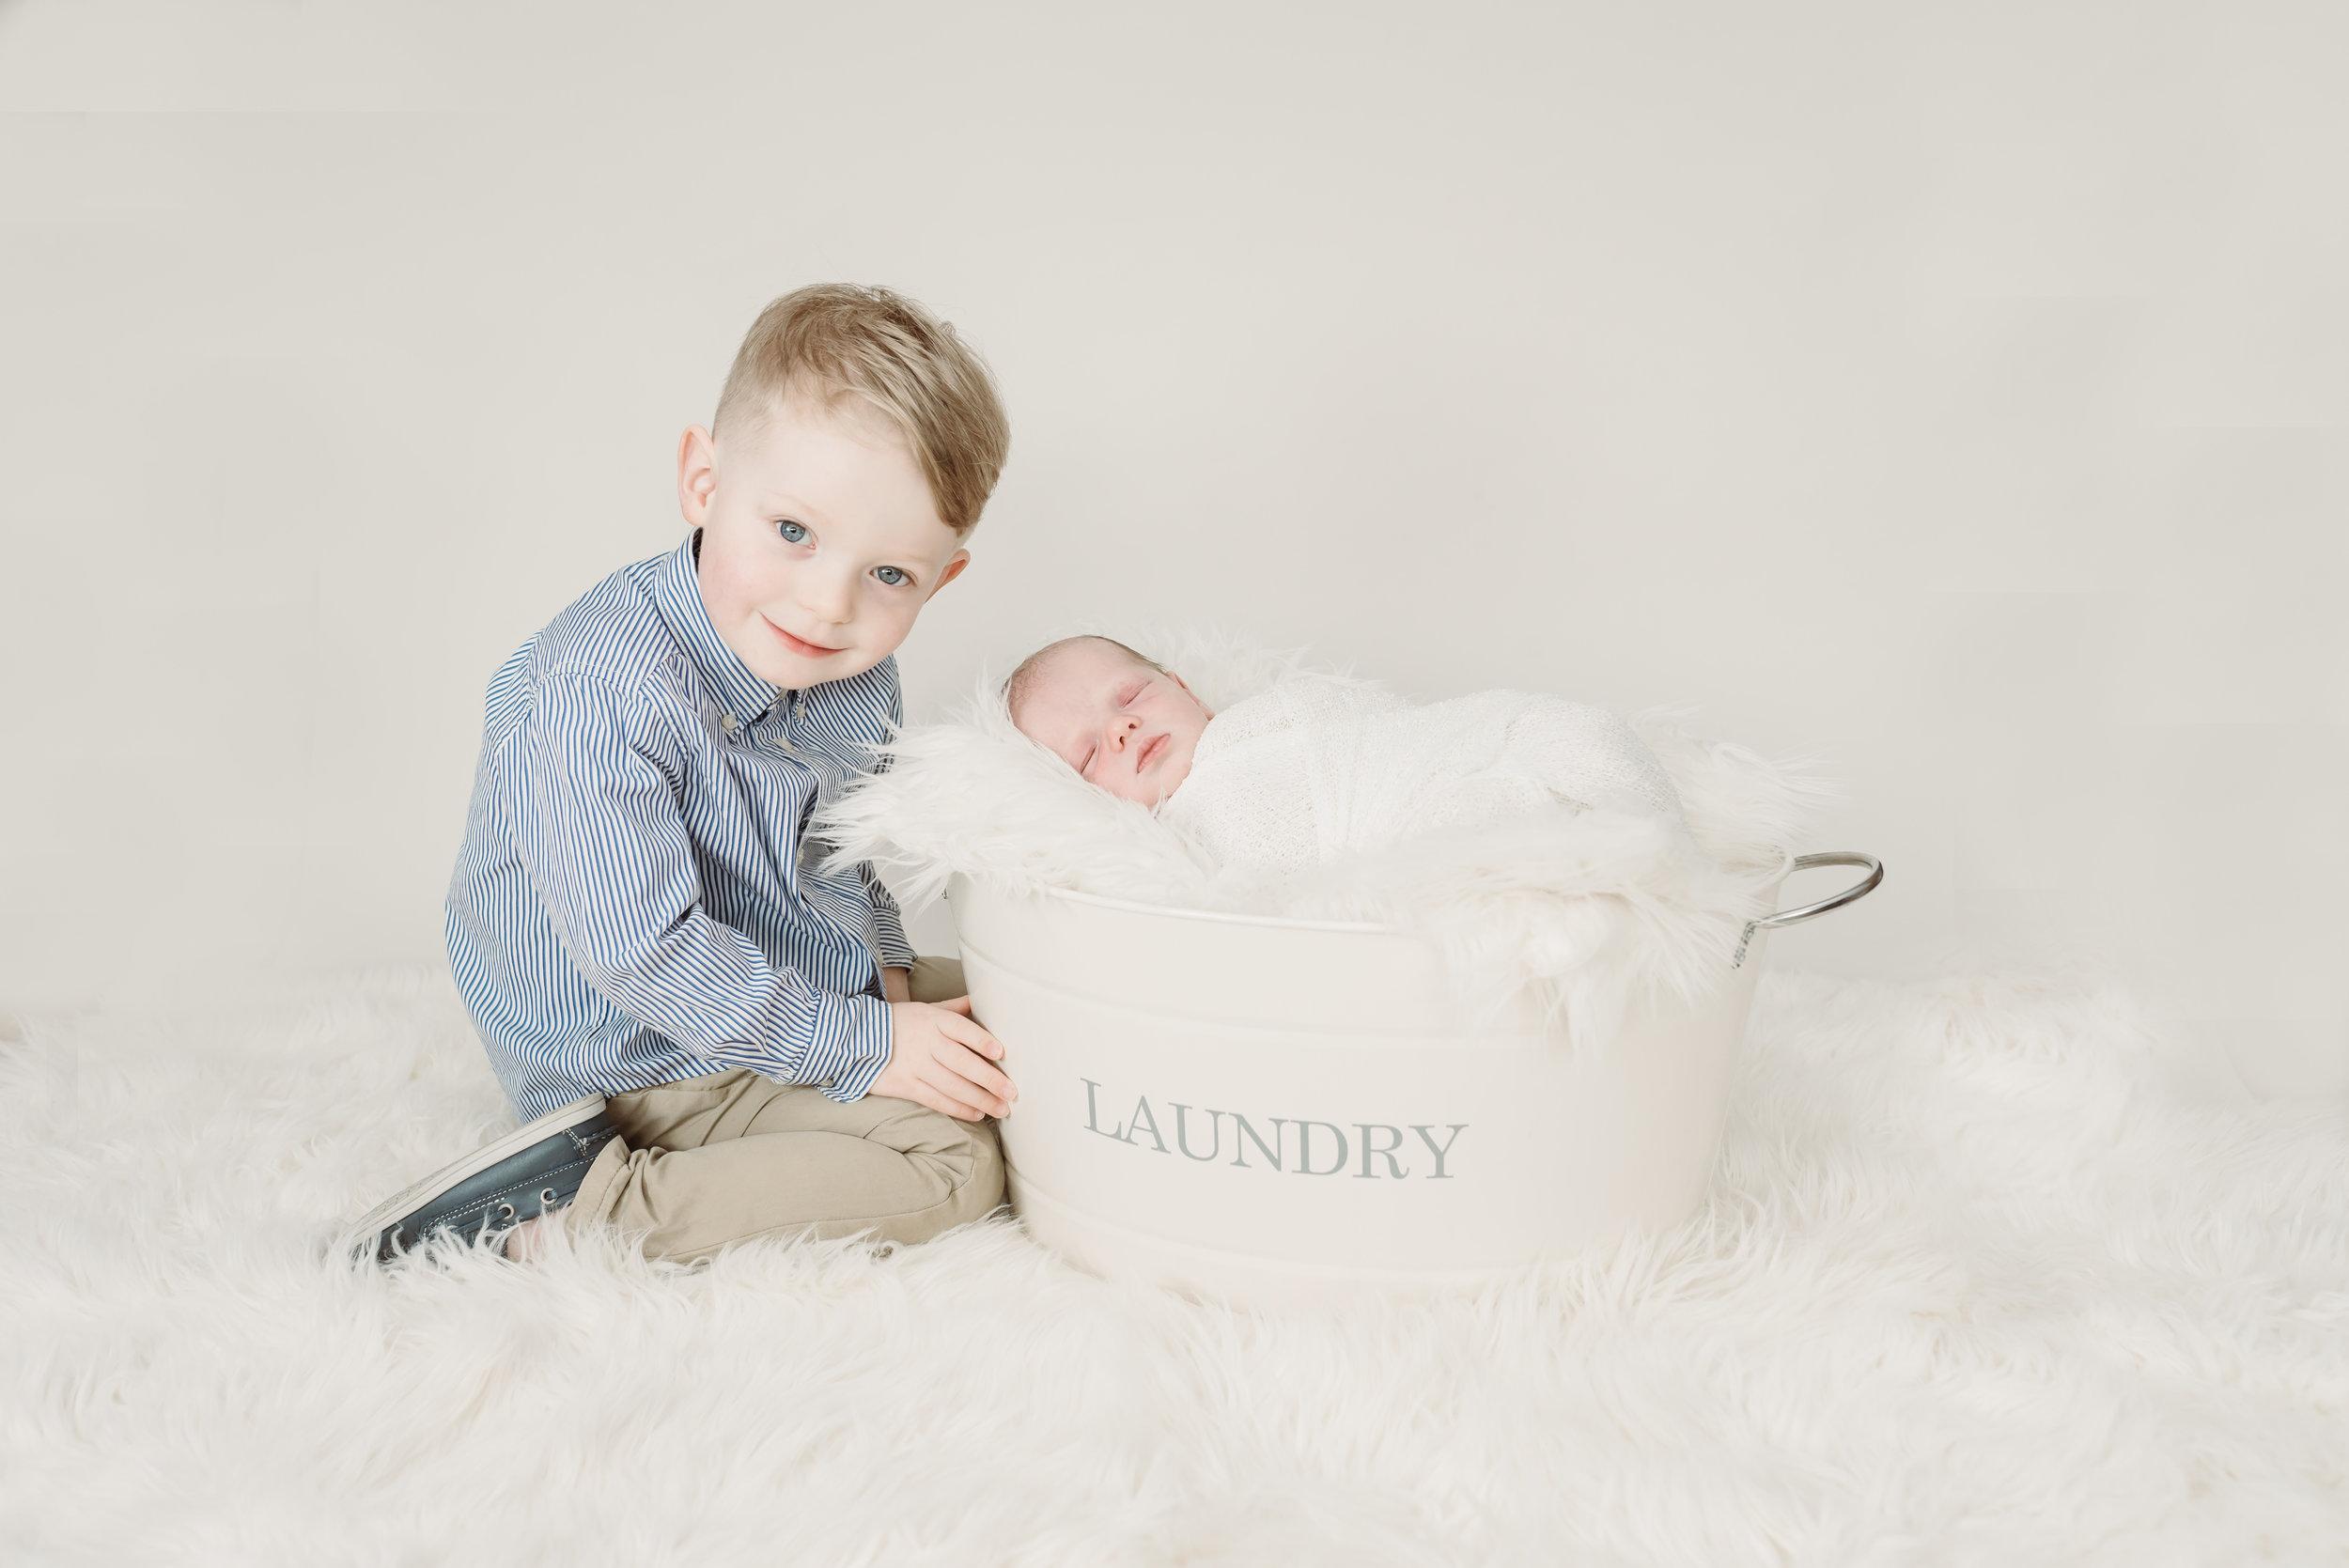 Lancashire newborn boy - 1 week old